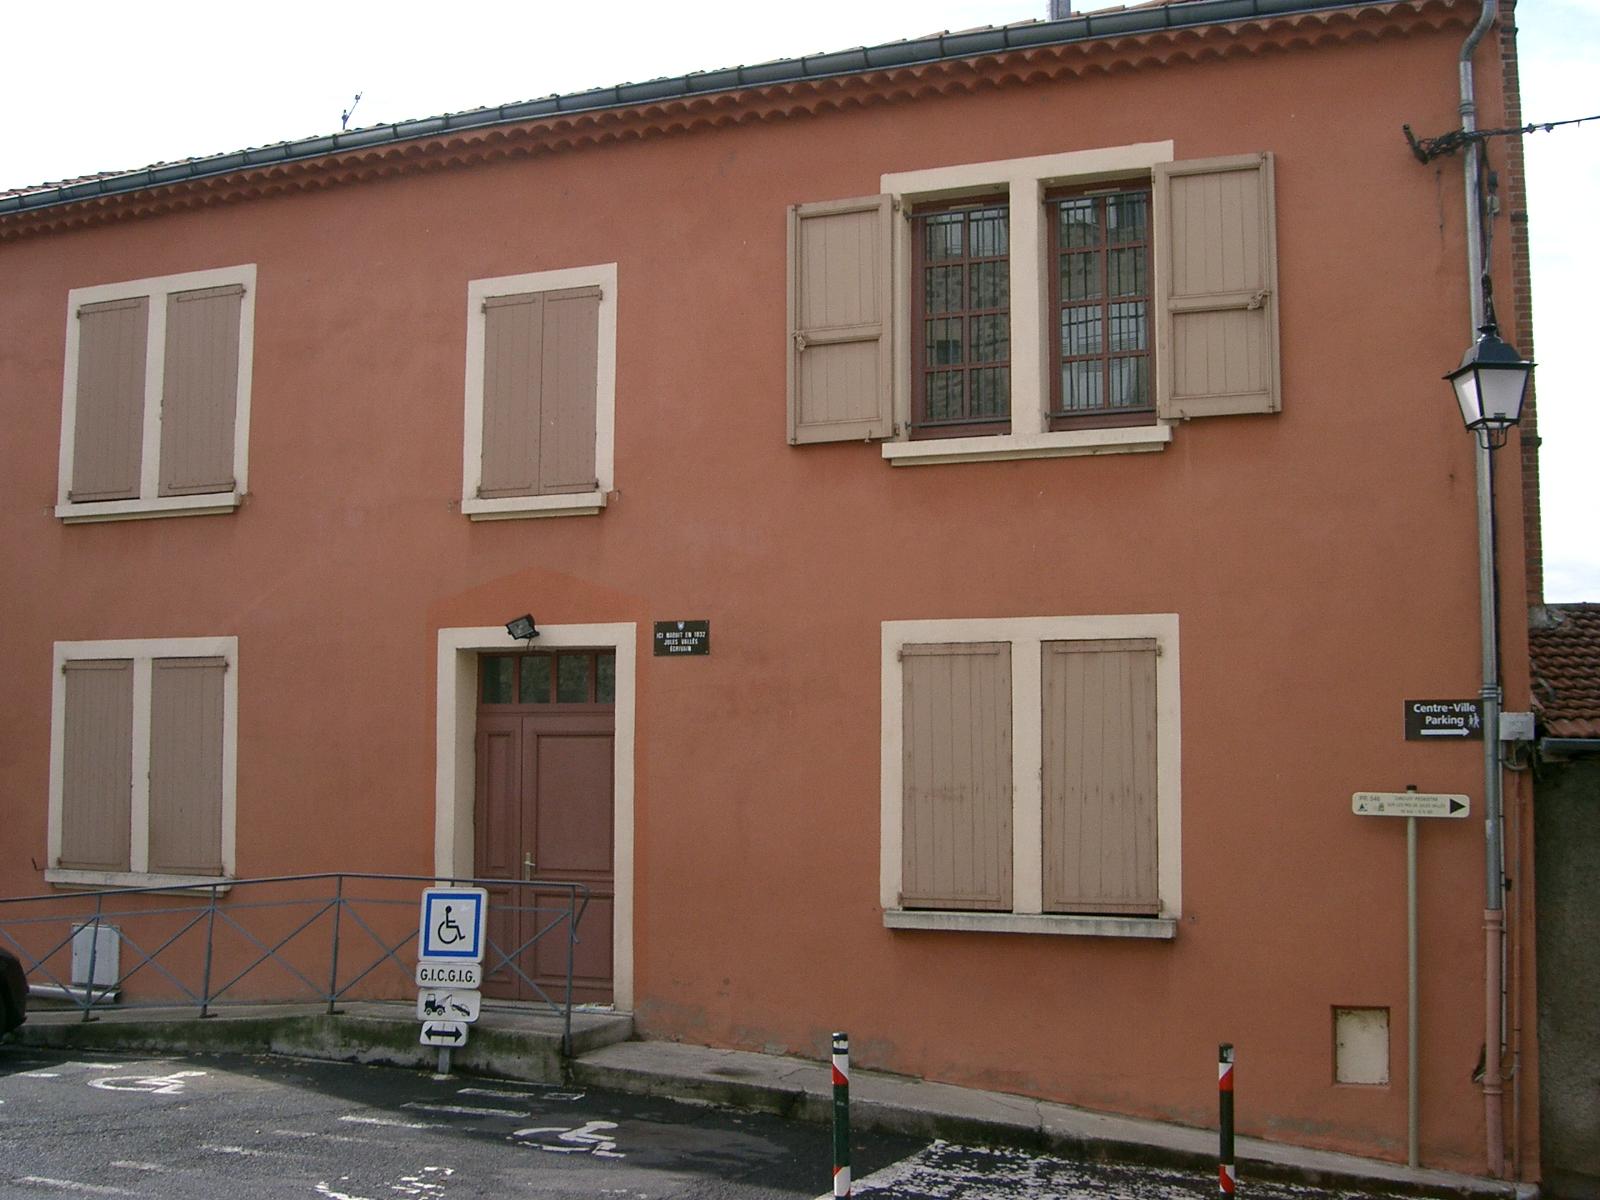 http://fr.academic.ru/pictures/frwiki/77/Maison_natale_de_Jules_Vall%C3%A8s_-_Le_Puy_en_Velay.JPG